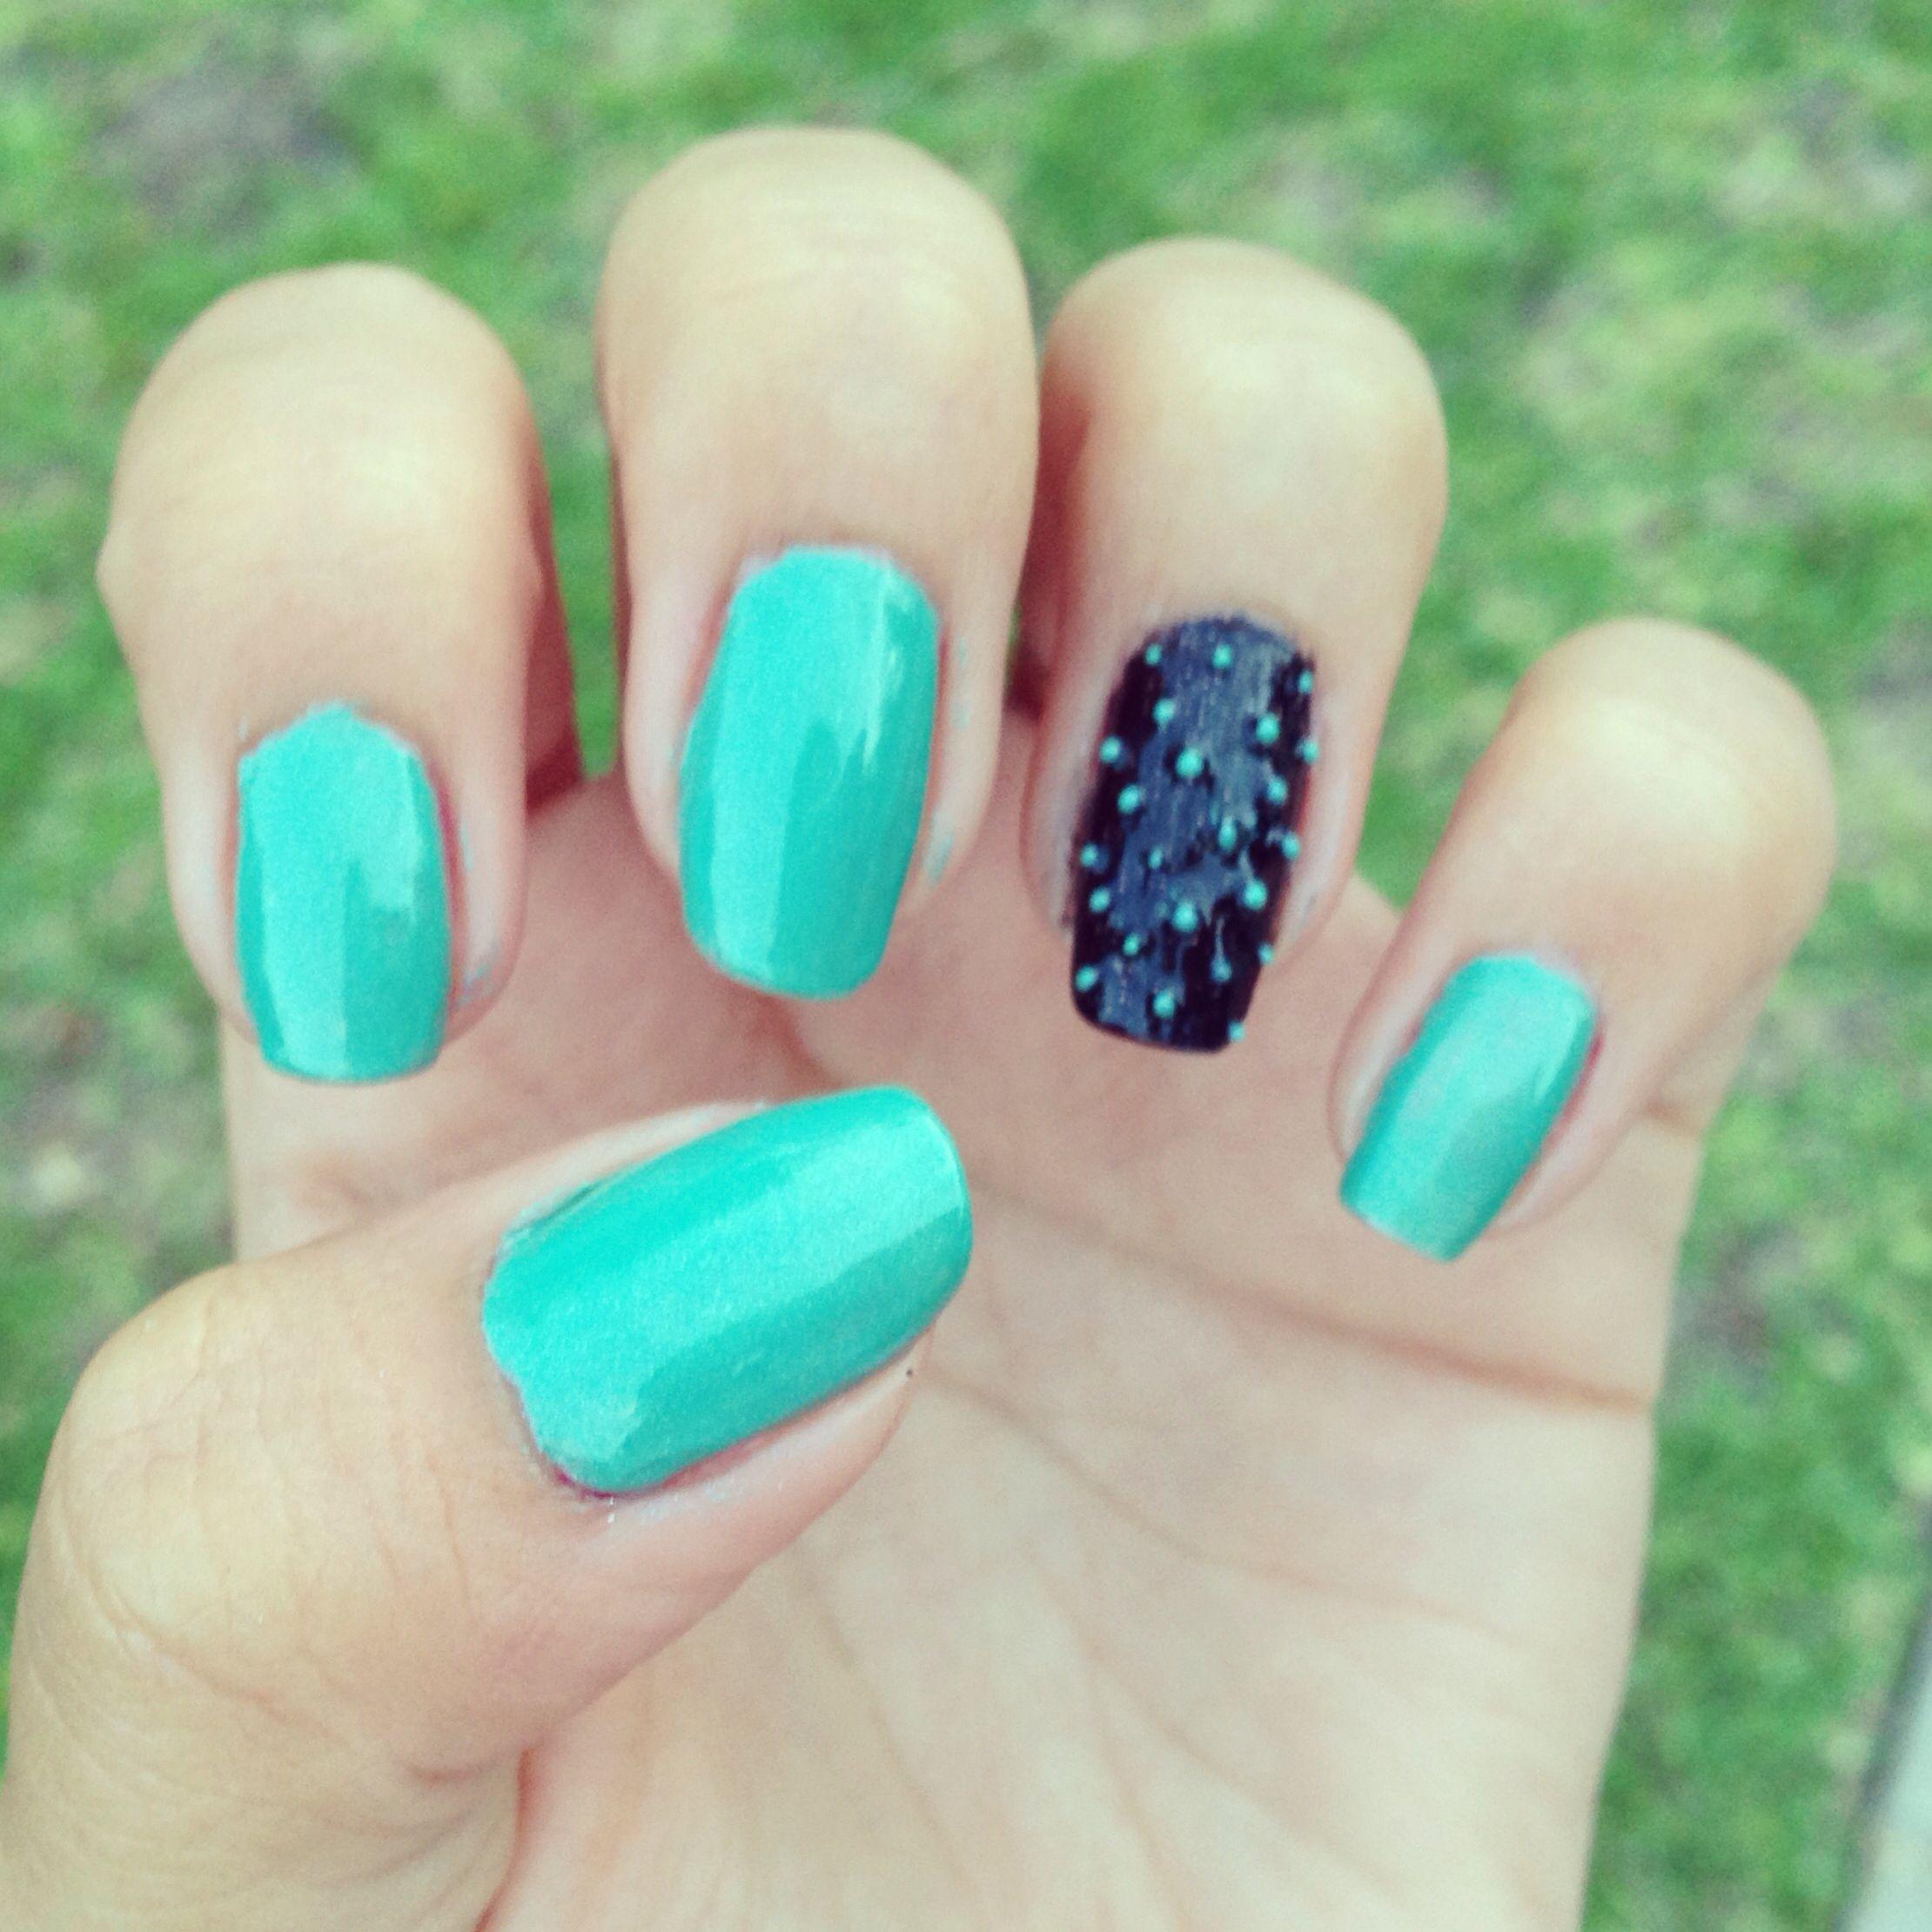 @_francescagomez simple nails